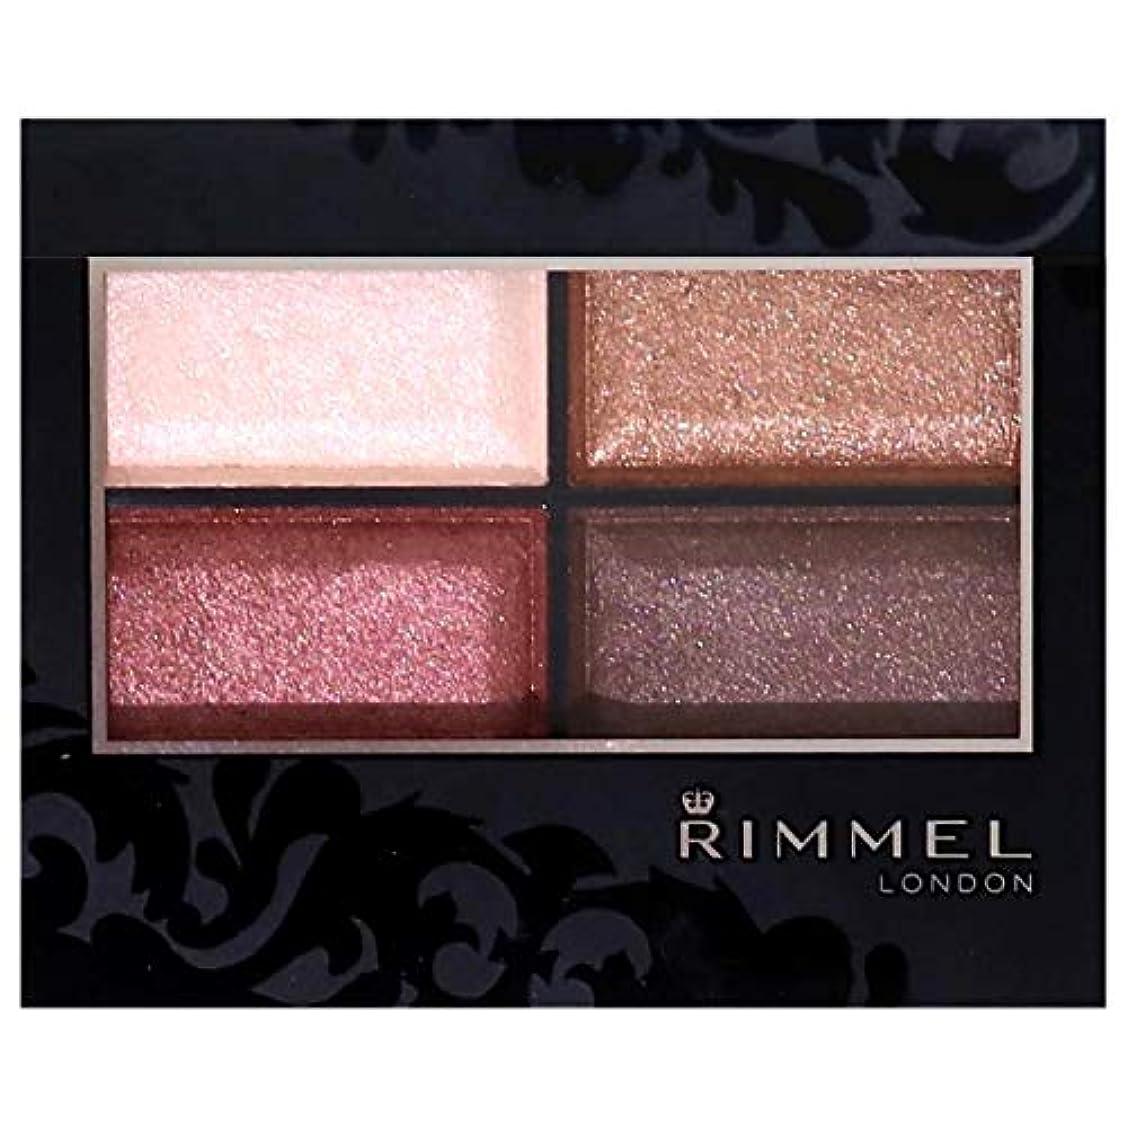 安息真鍮掃除Rimmel (リンメル) リンメル ロイヤルヴィンテージ アイズ 016 ガーネットカッパー 4.1g アイシャドウ